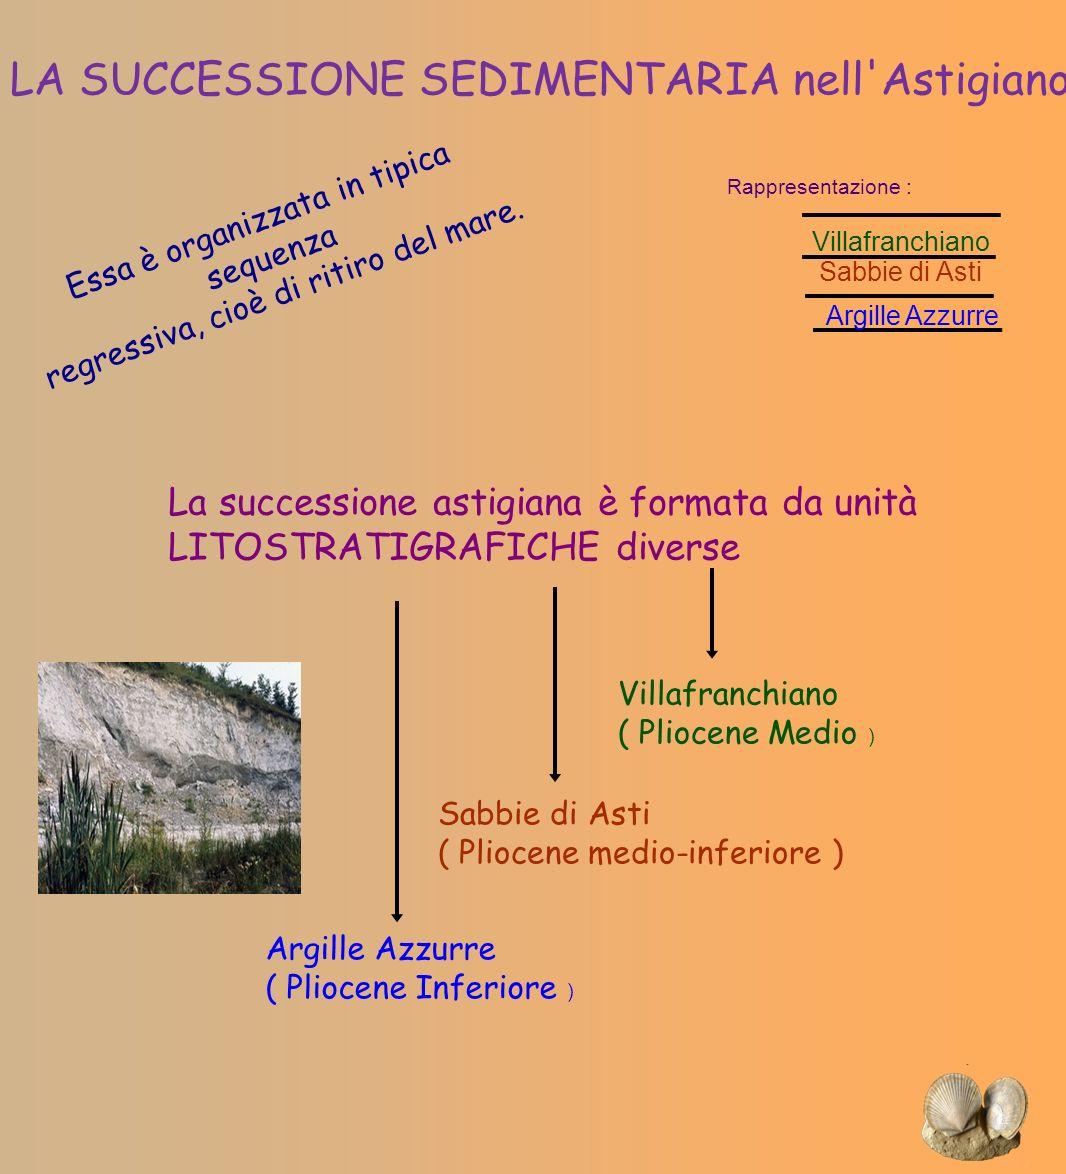 LA SUCCESSIONE SEDIMENTARIA nell'Astigiano Essa è organizzata in tipica sequenza regressiva, cioè di ritiro del mare. La successione astigiana è forma